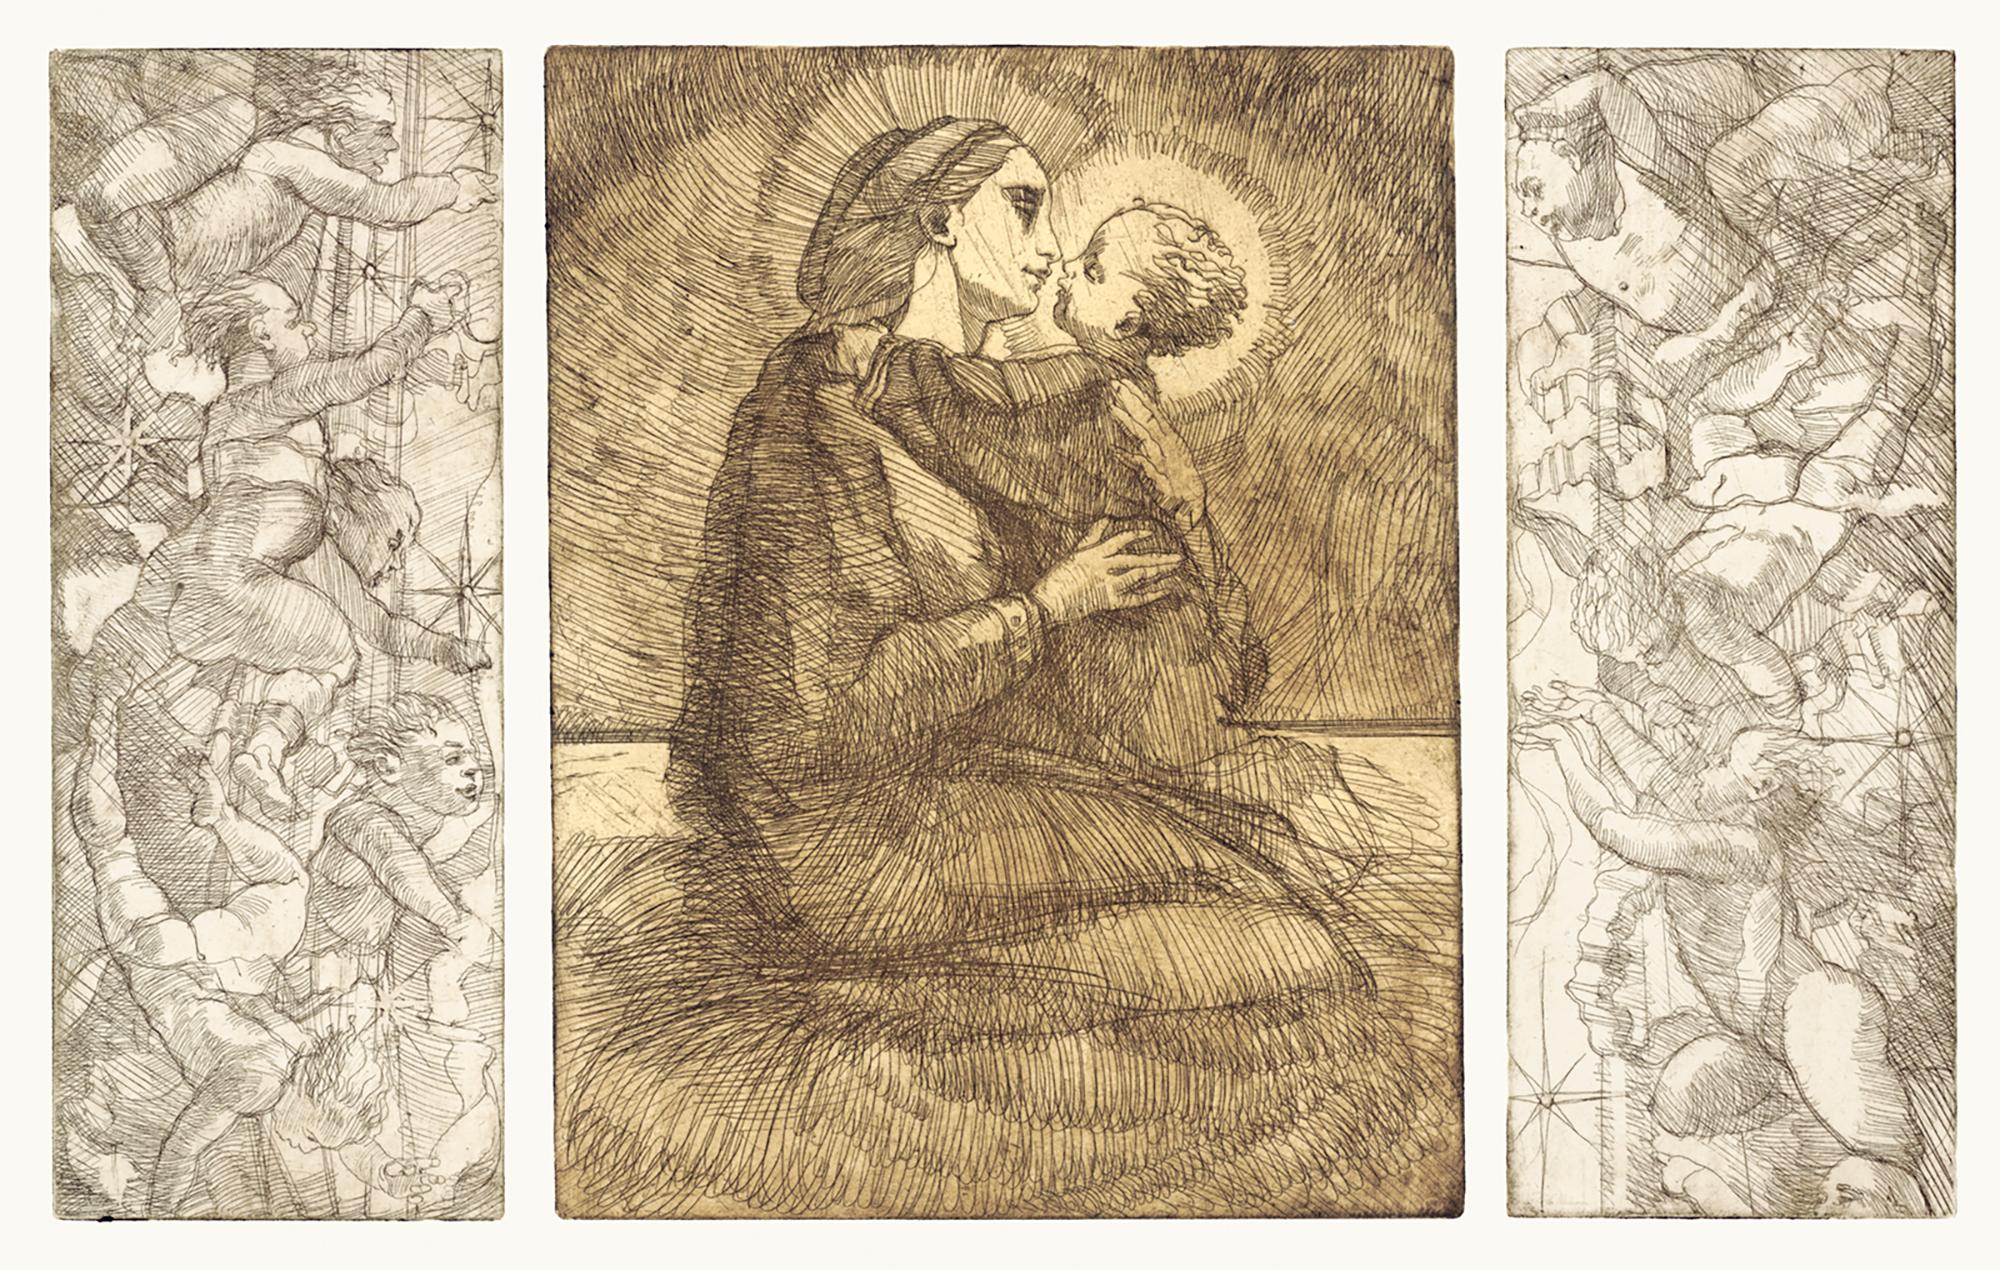 """Nuestra señora de los santos inocentes, 30""""x22"""", triptych - copper plate etching, artist proof 1/1, langley"""